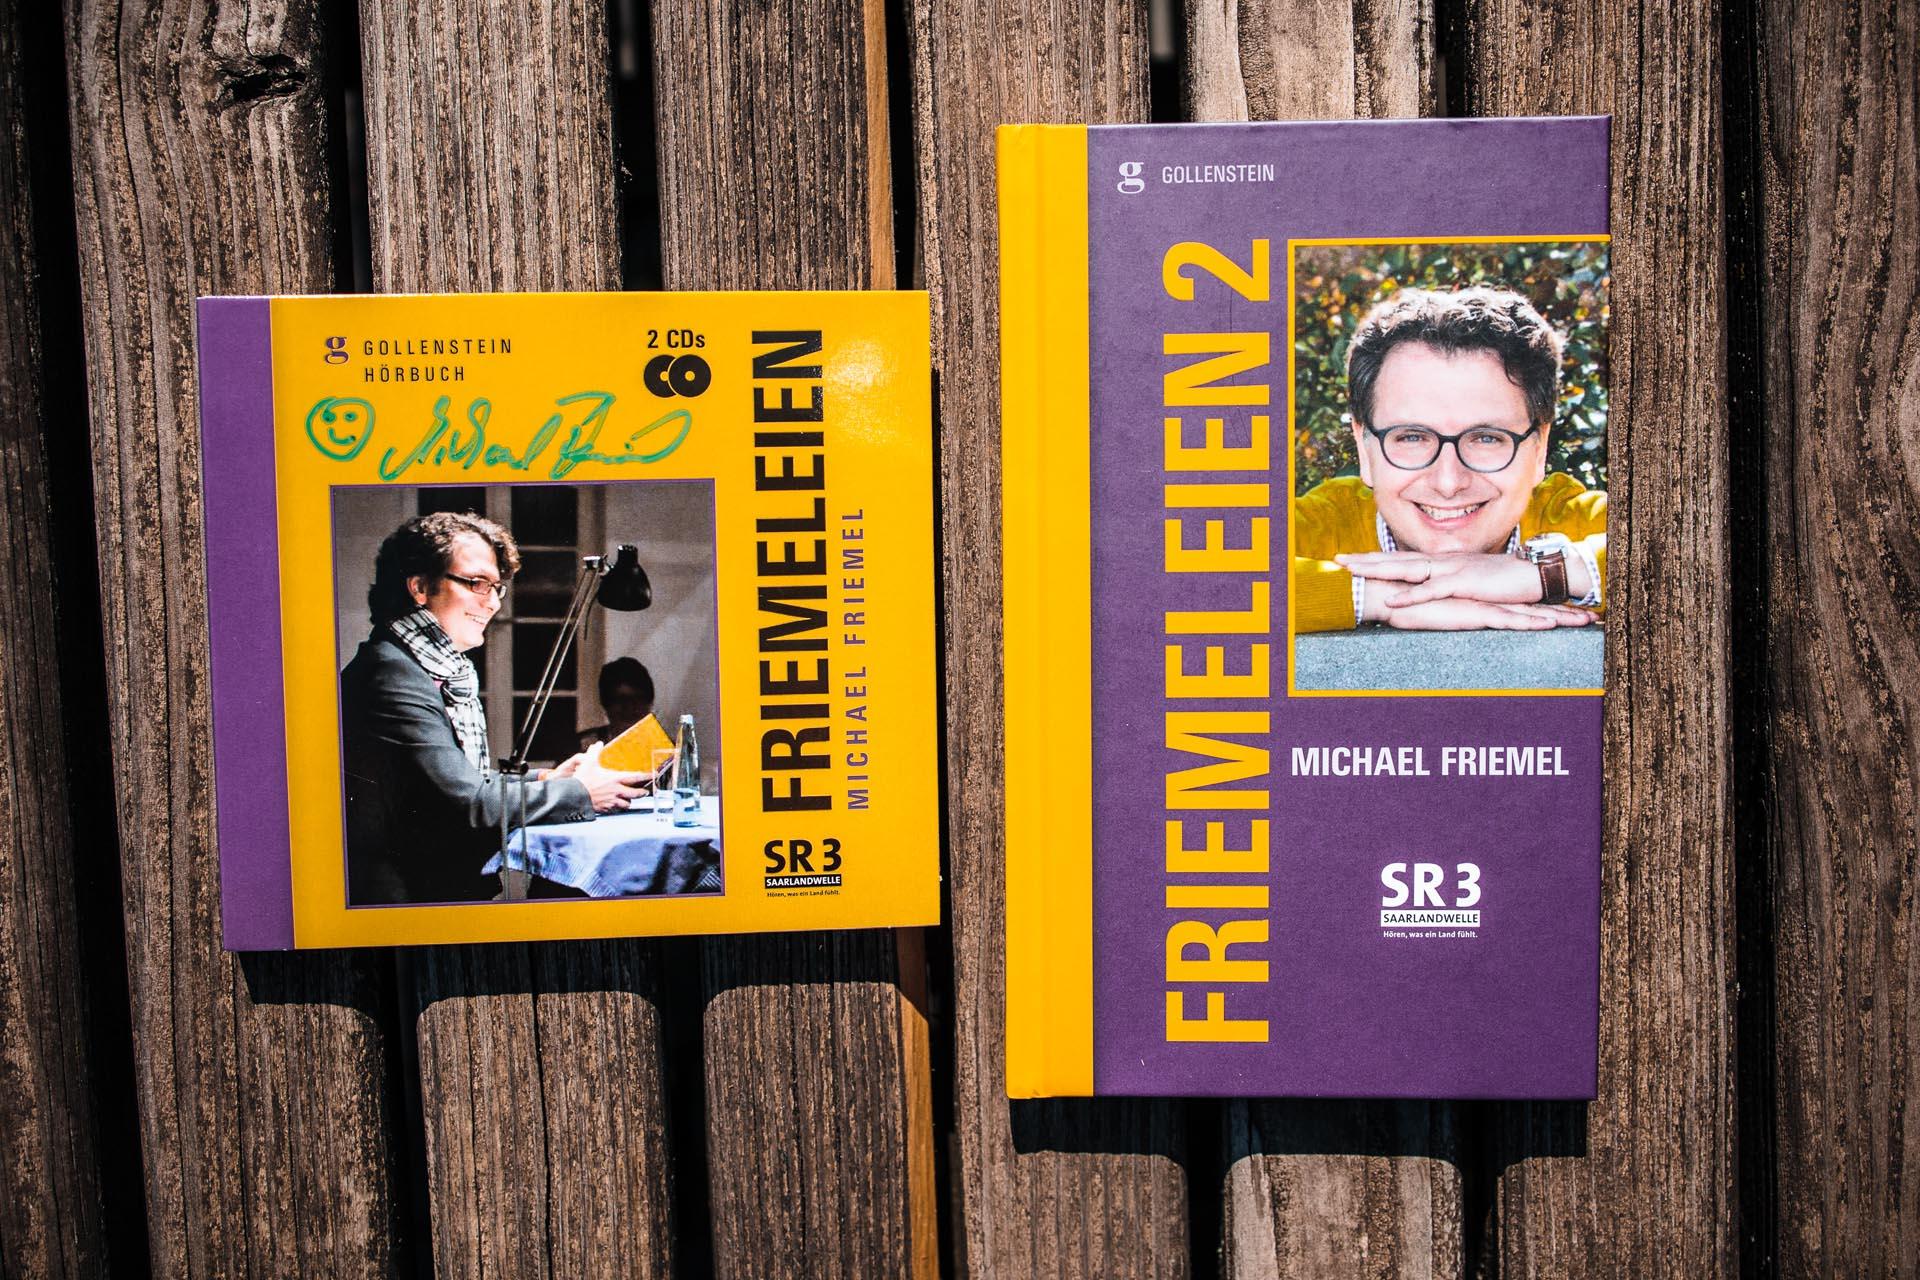 Michael Friemel